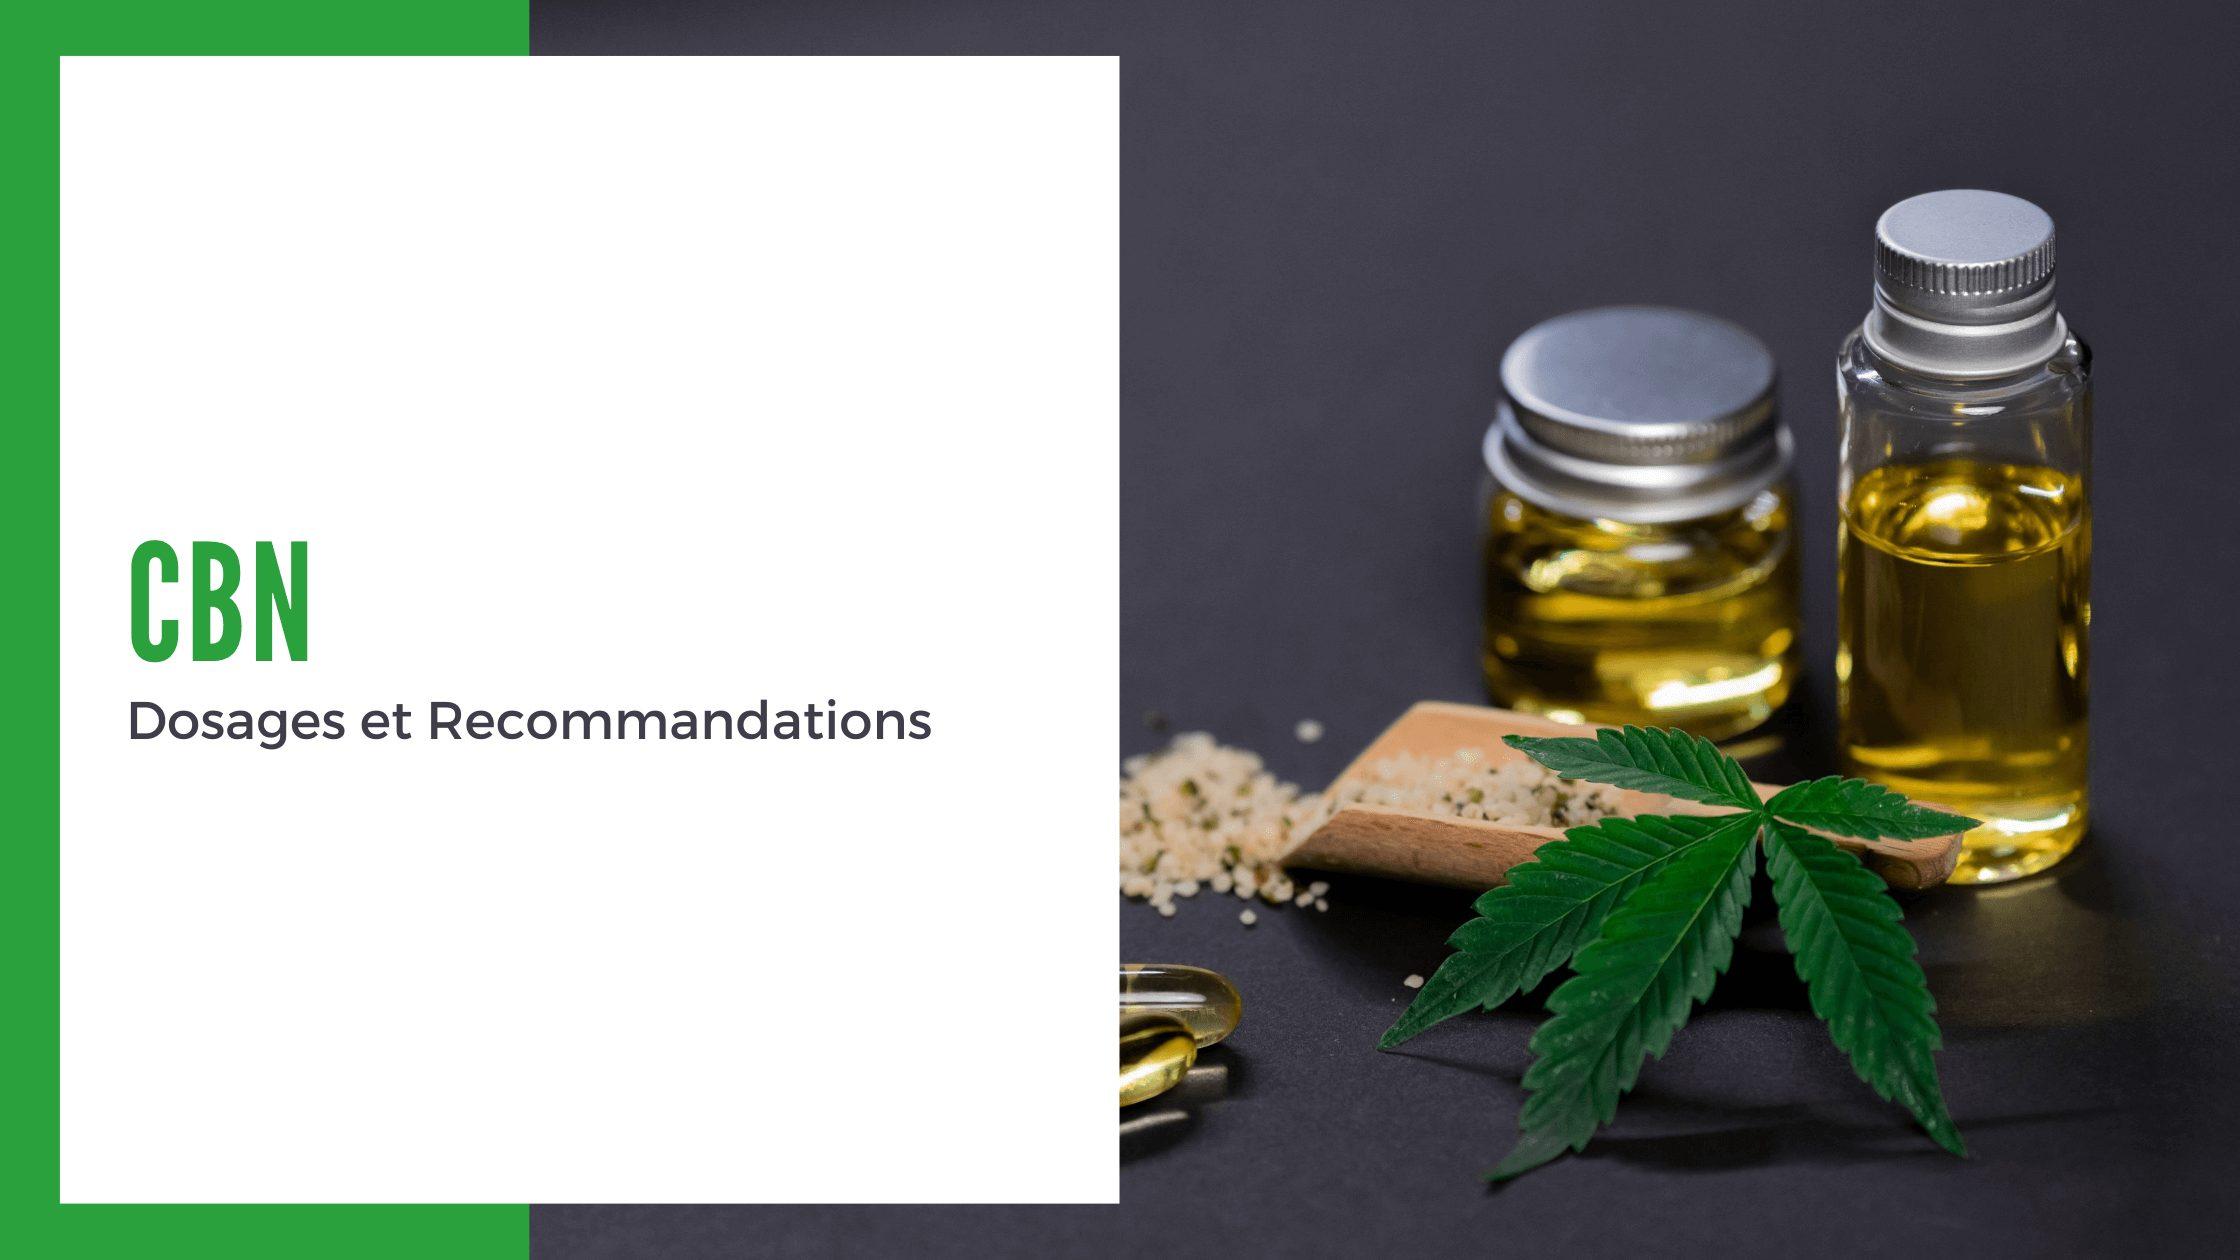 CBN Dosages et Recommandations